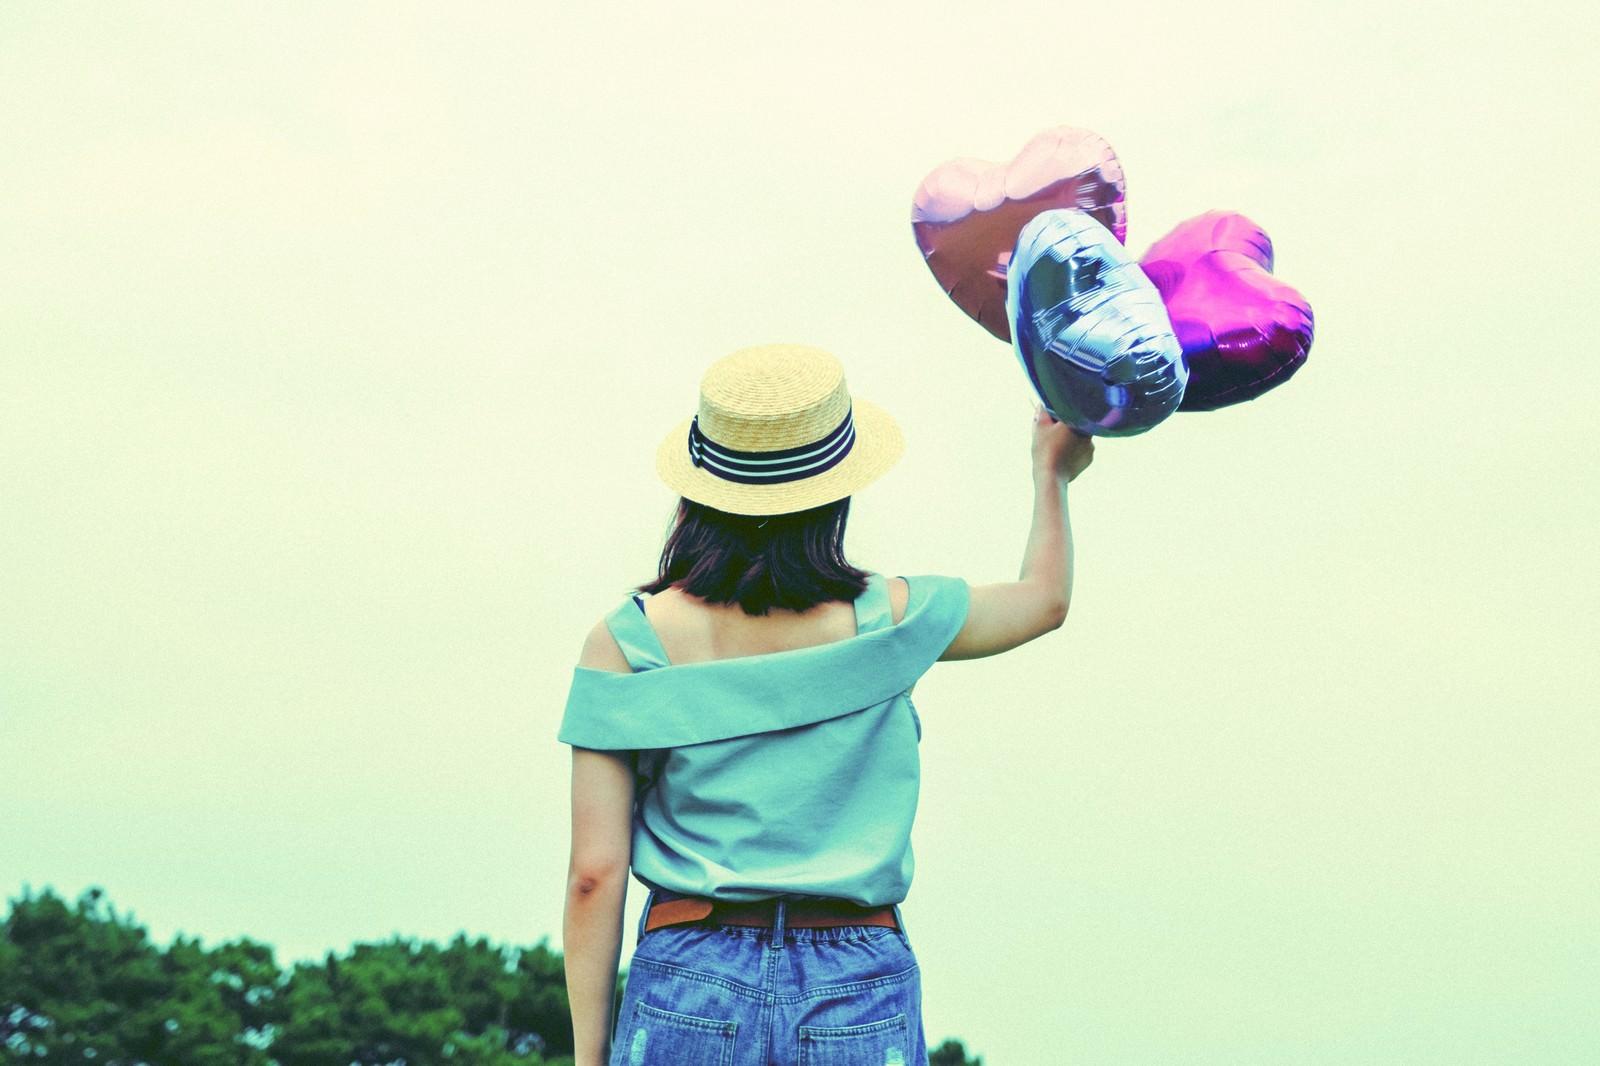 「風船のハートで飛んでいきたい」の写真